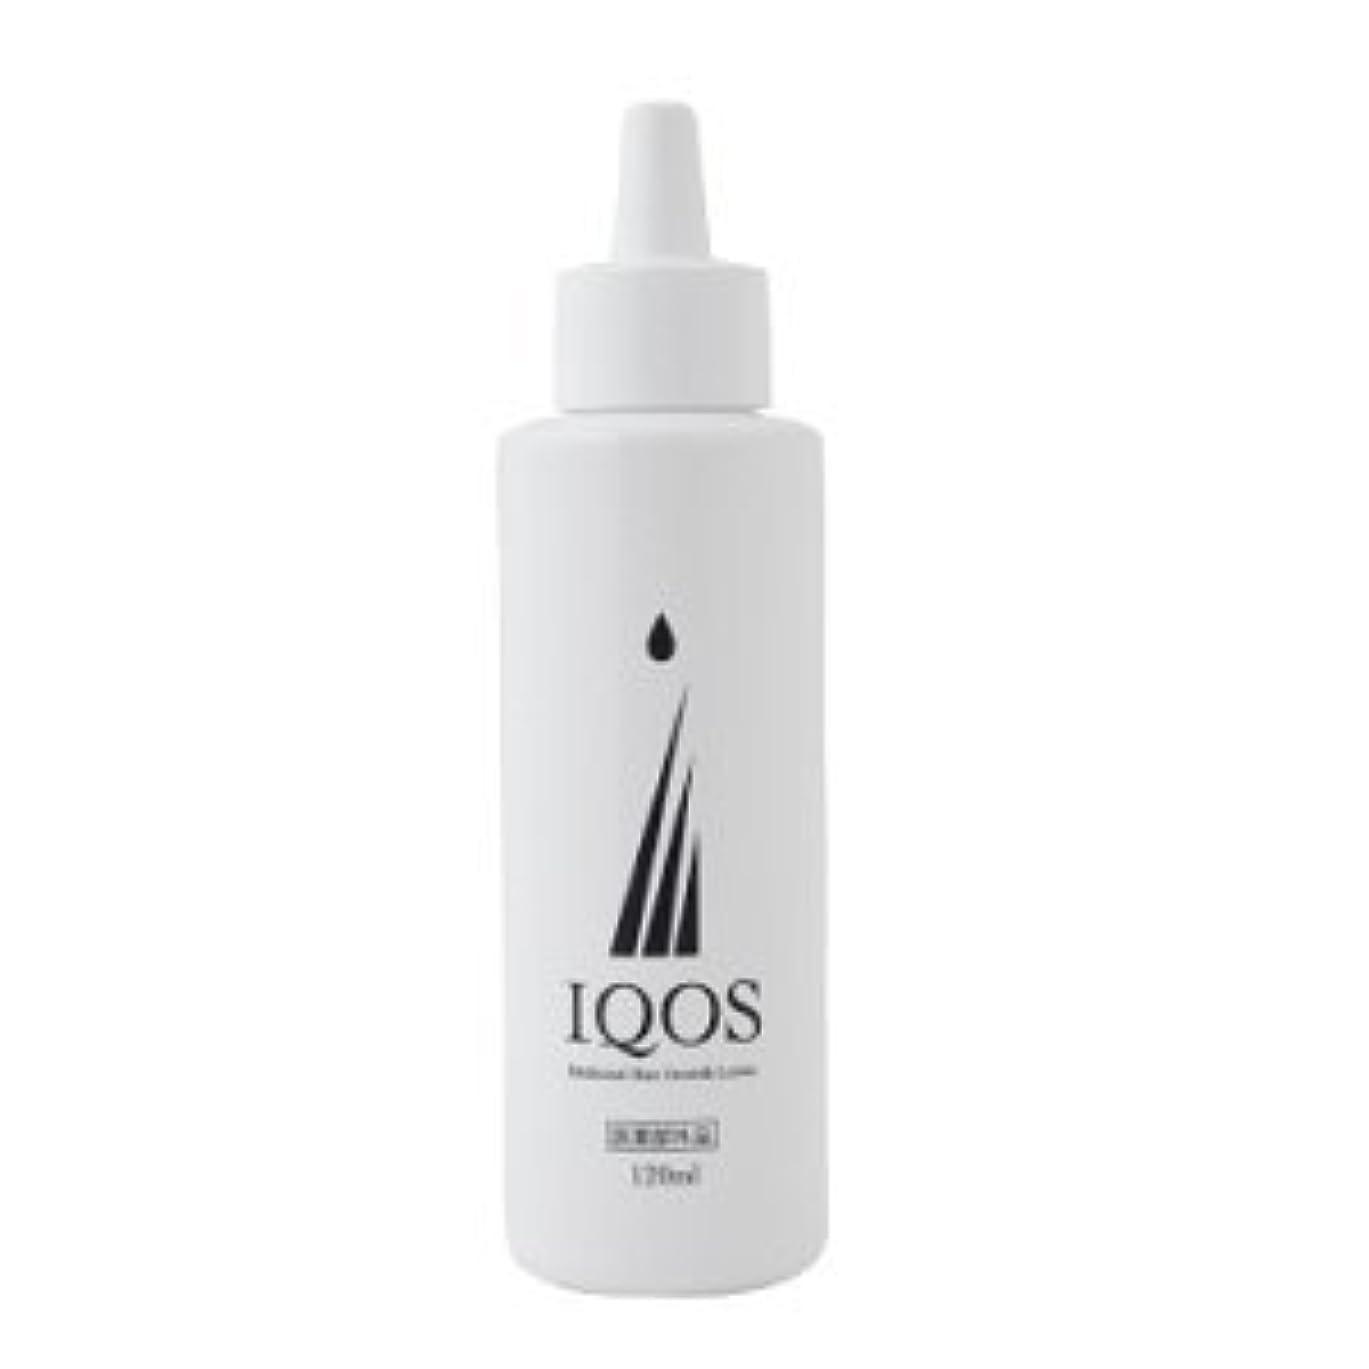 内なる嫌い伝えるM-034を最大級配合 薬用育毛剤 IQOS イクオス 120ml